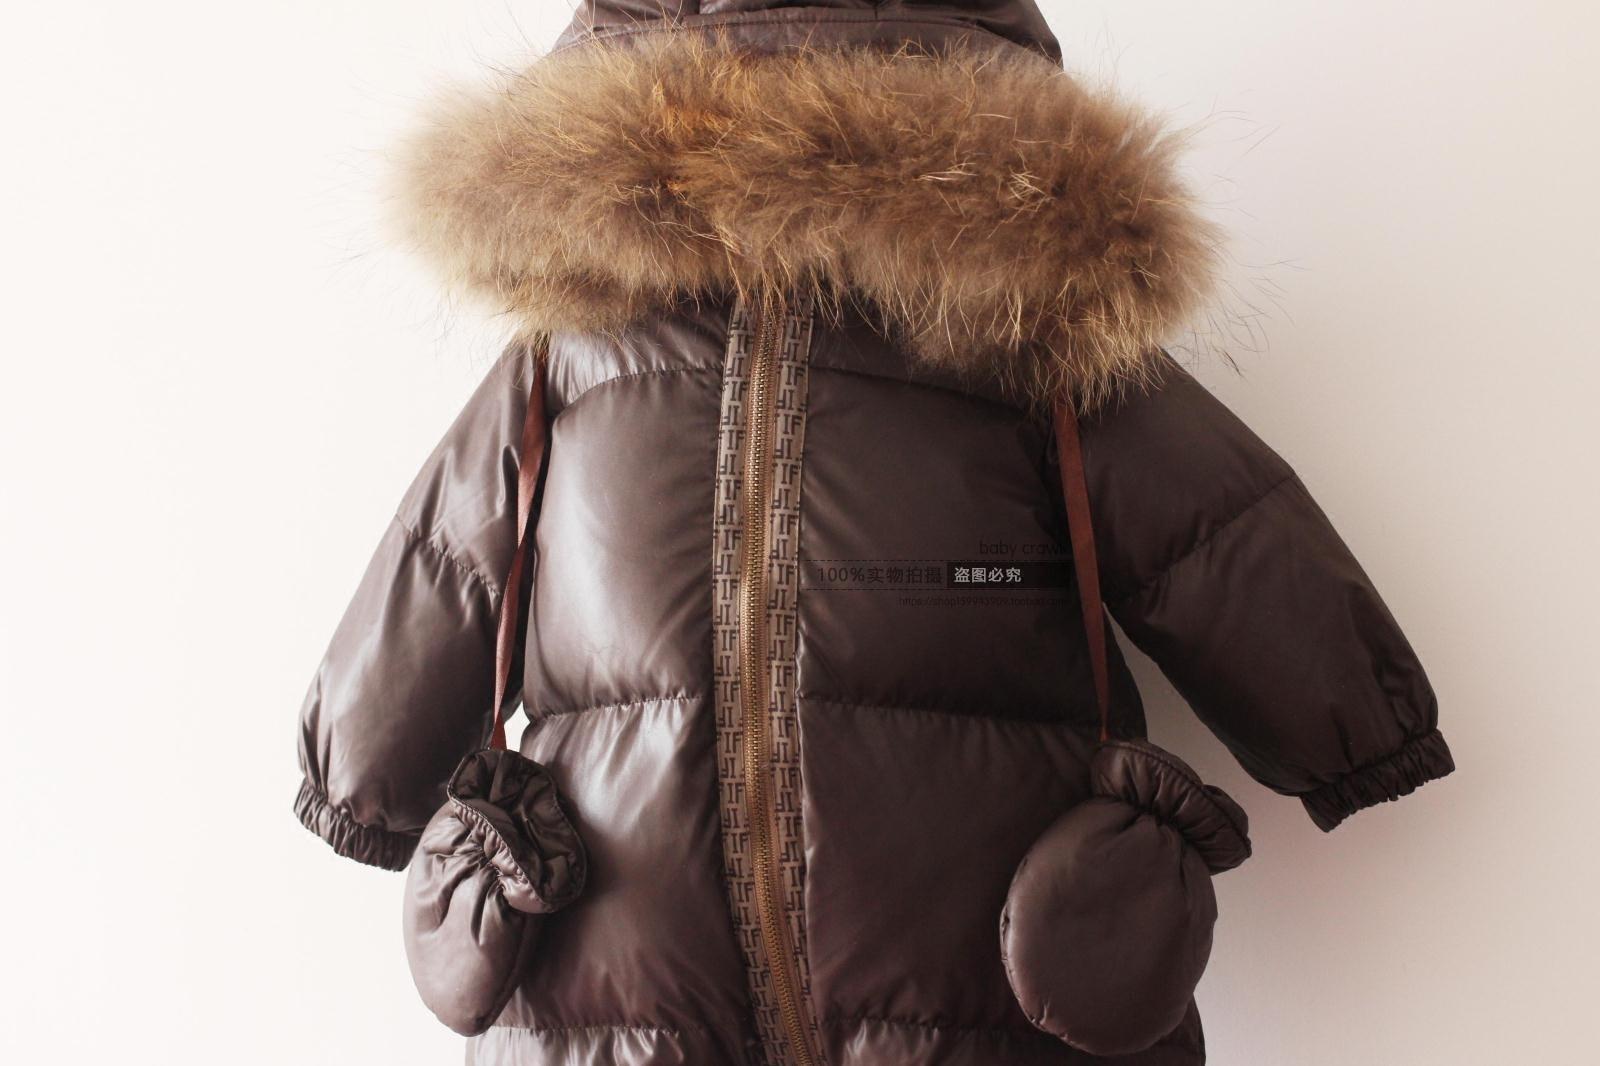 2017 Mode Winter Pasgeboren Winter Jassen voor Baby Meisjes Beneden Jassen Jongens Onesie Down Jas Eendendons 3 6 12 Maanden 2 Jaar 3